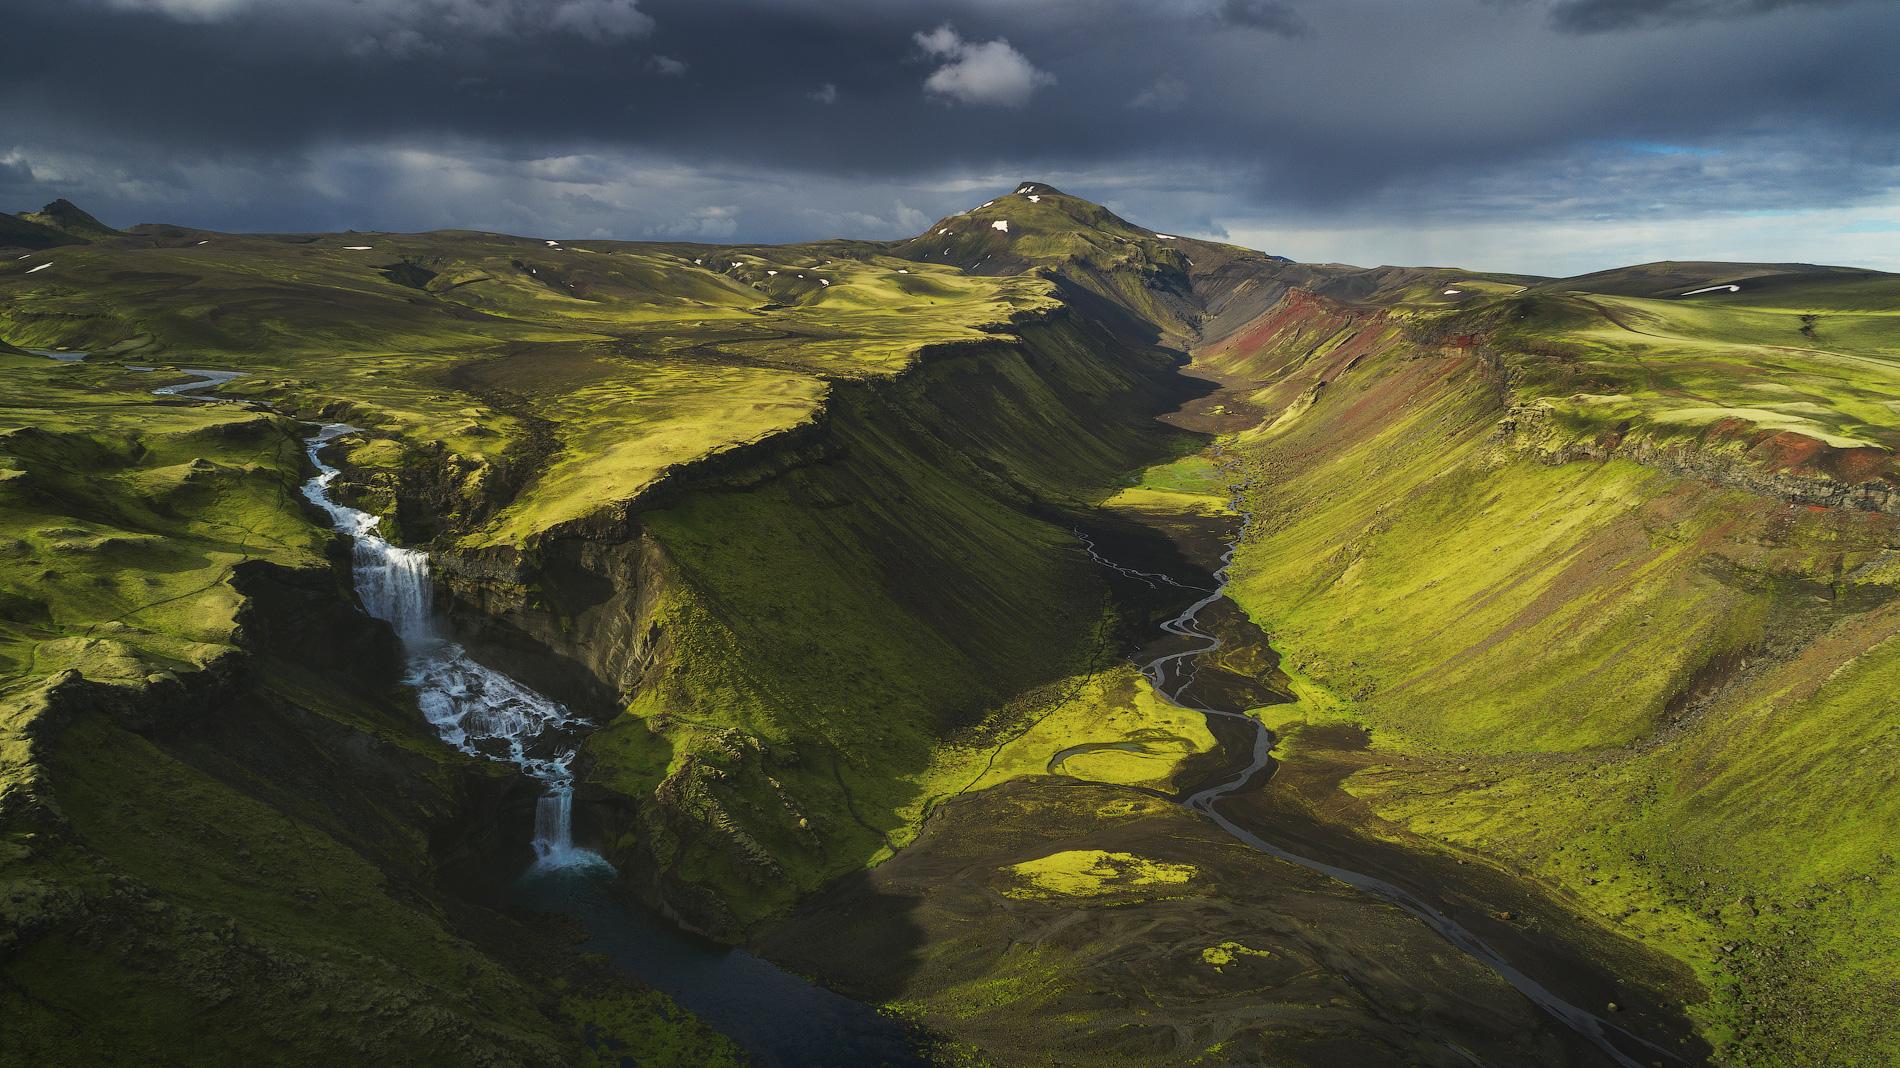 13-дневный экстрим-фототур по горной Исландии | Южное побережье Исландии и высокогорье - day 4